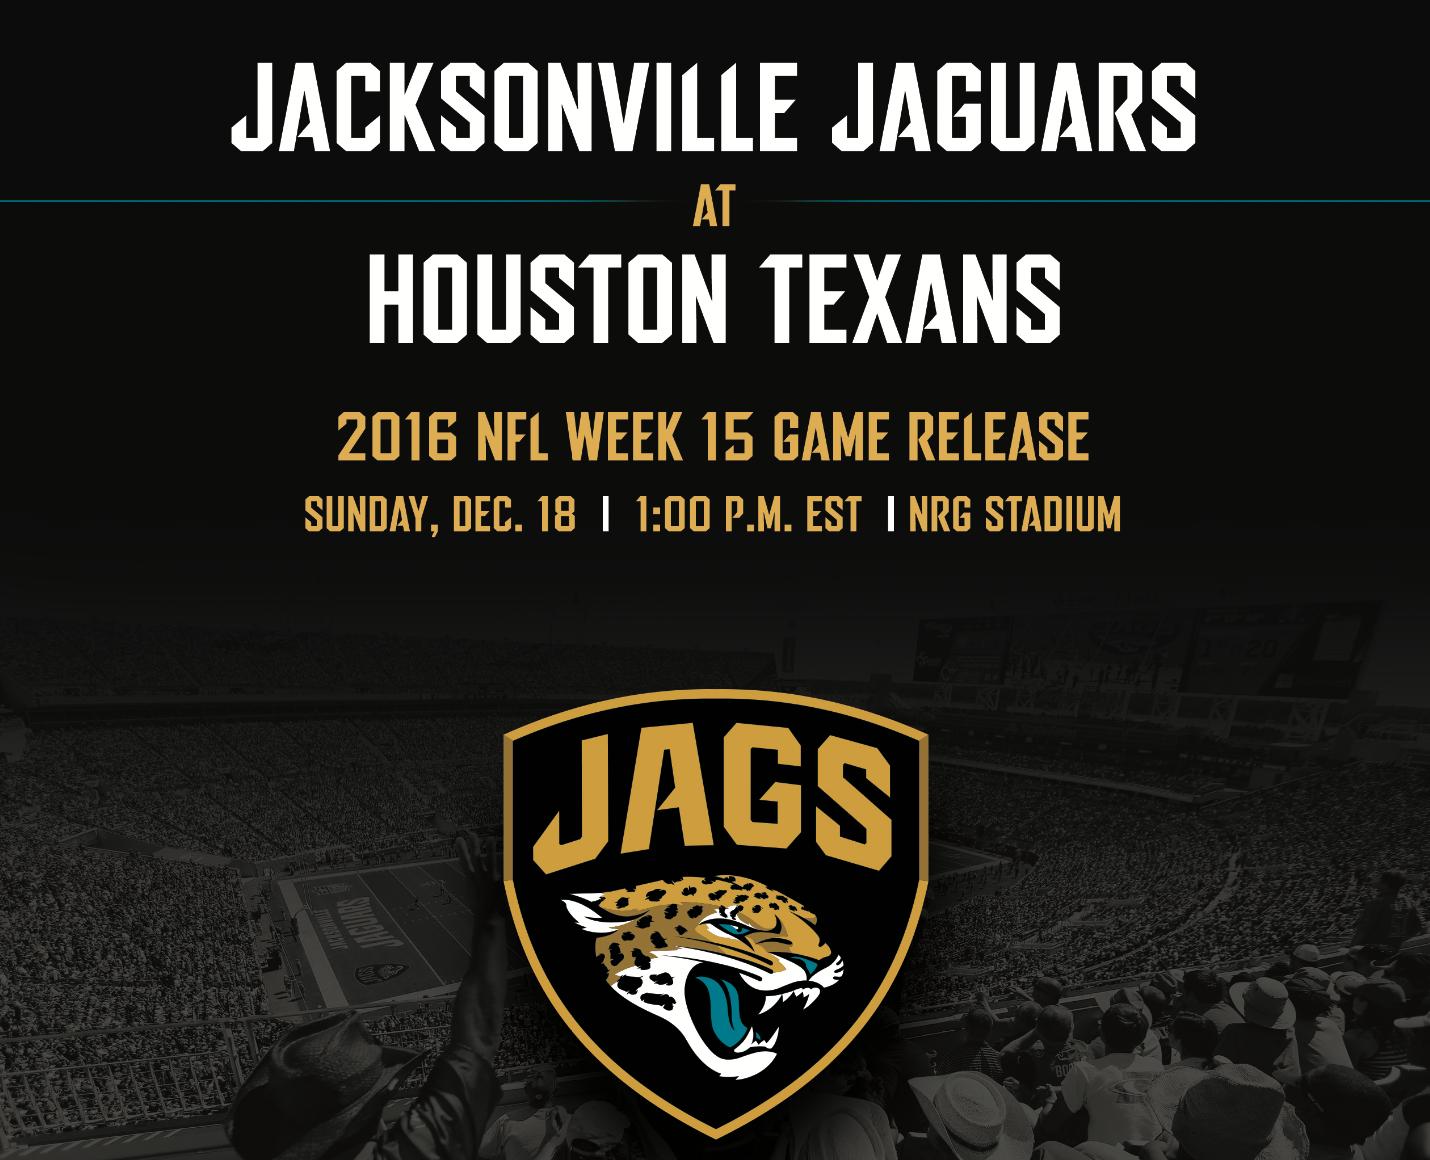 [NFL] Week 15: Media Release delle partite odierne